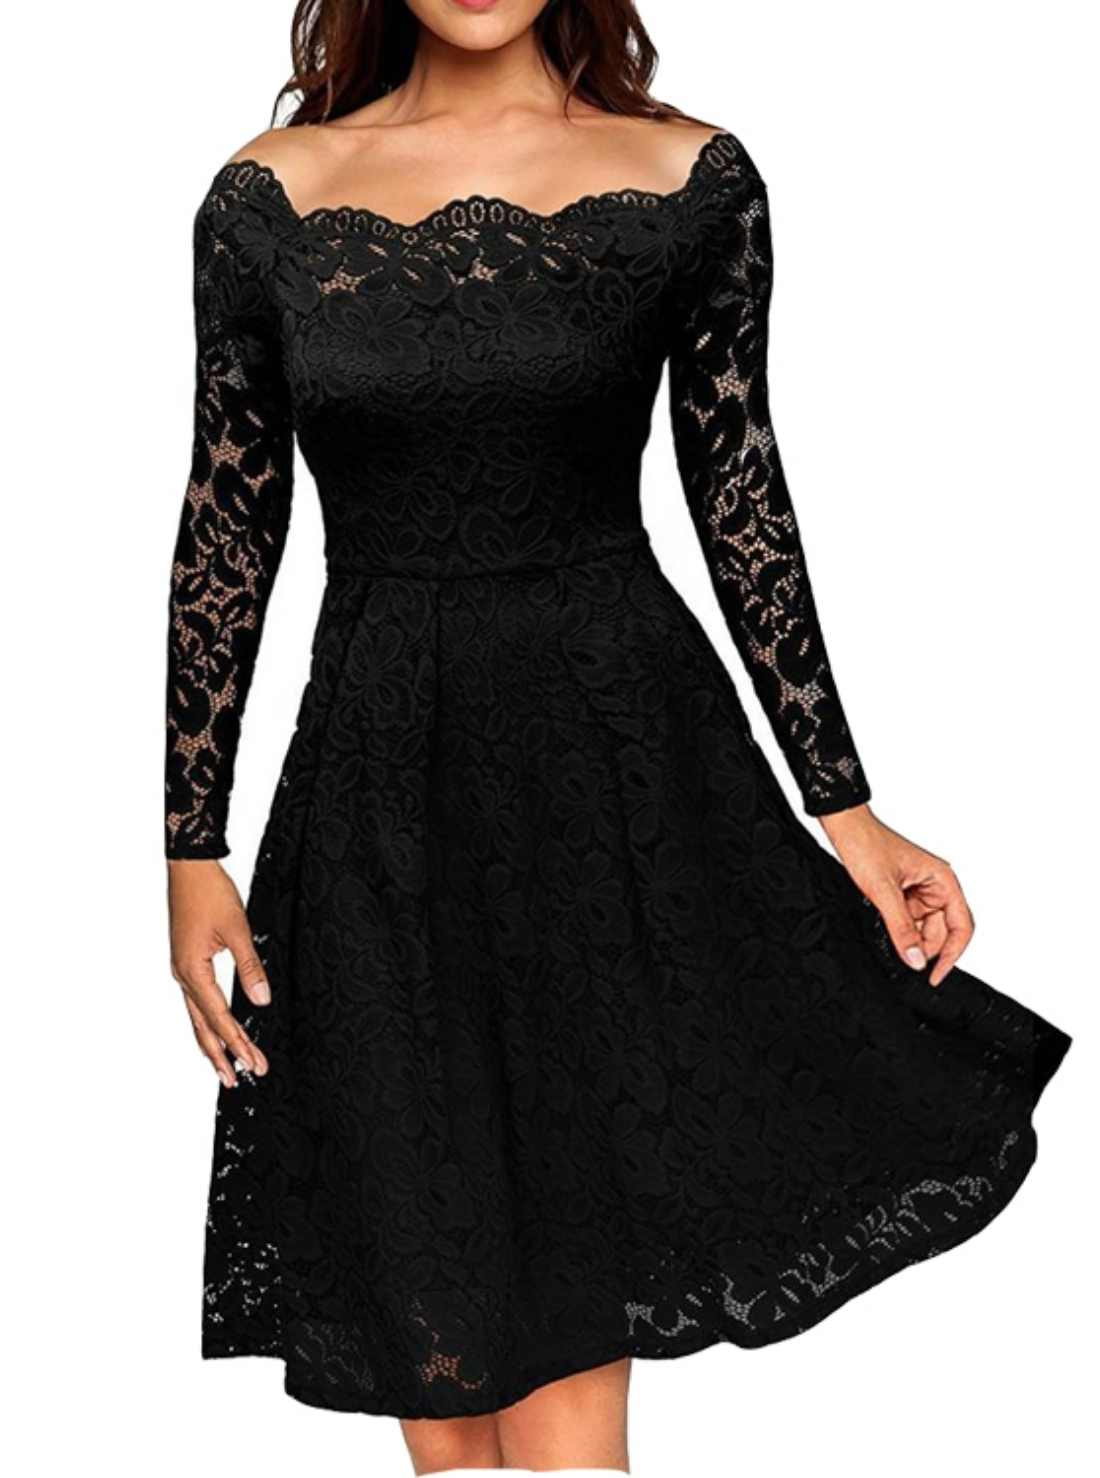 Wholesale Hollow Out Lace Cotton Dress